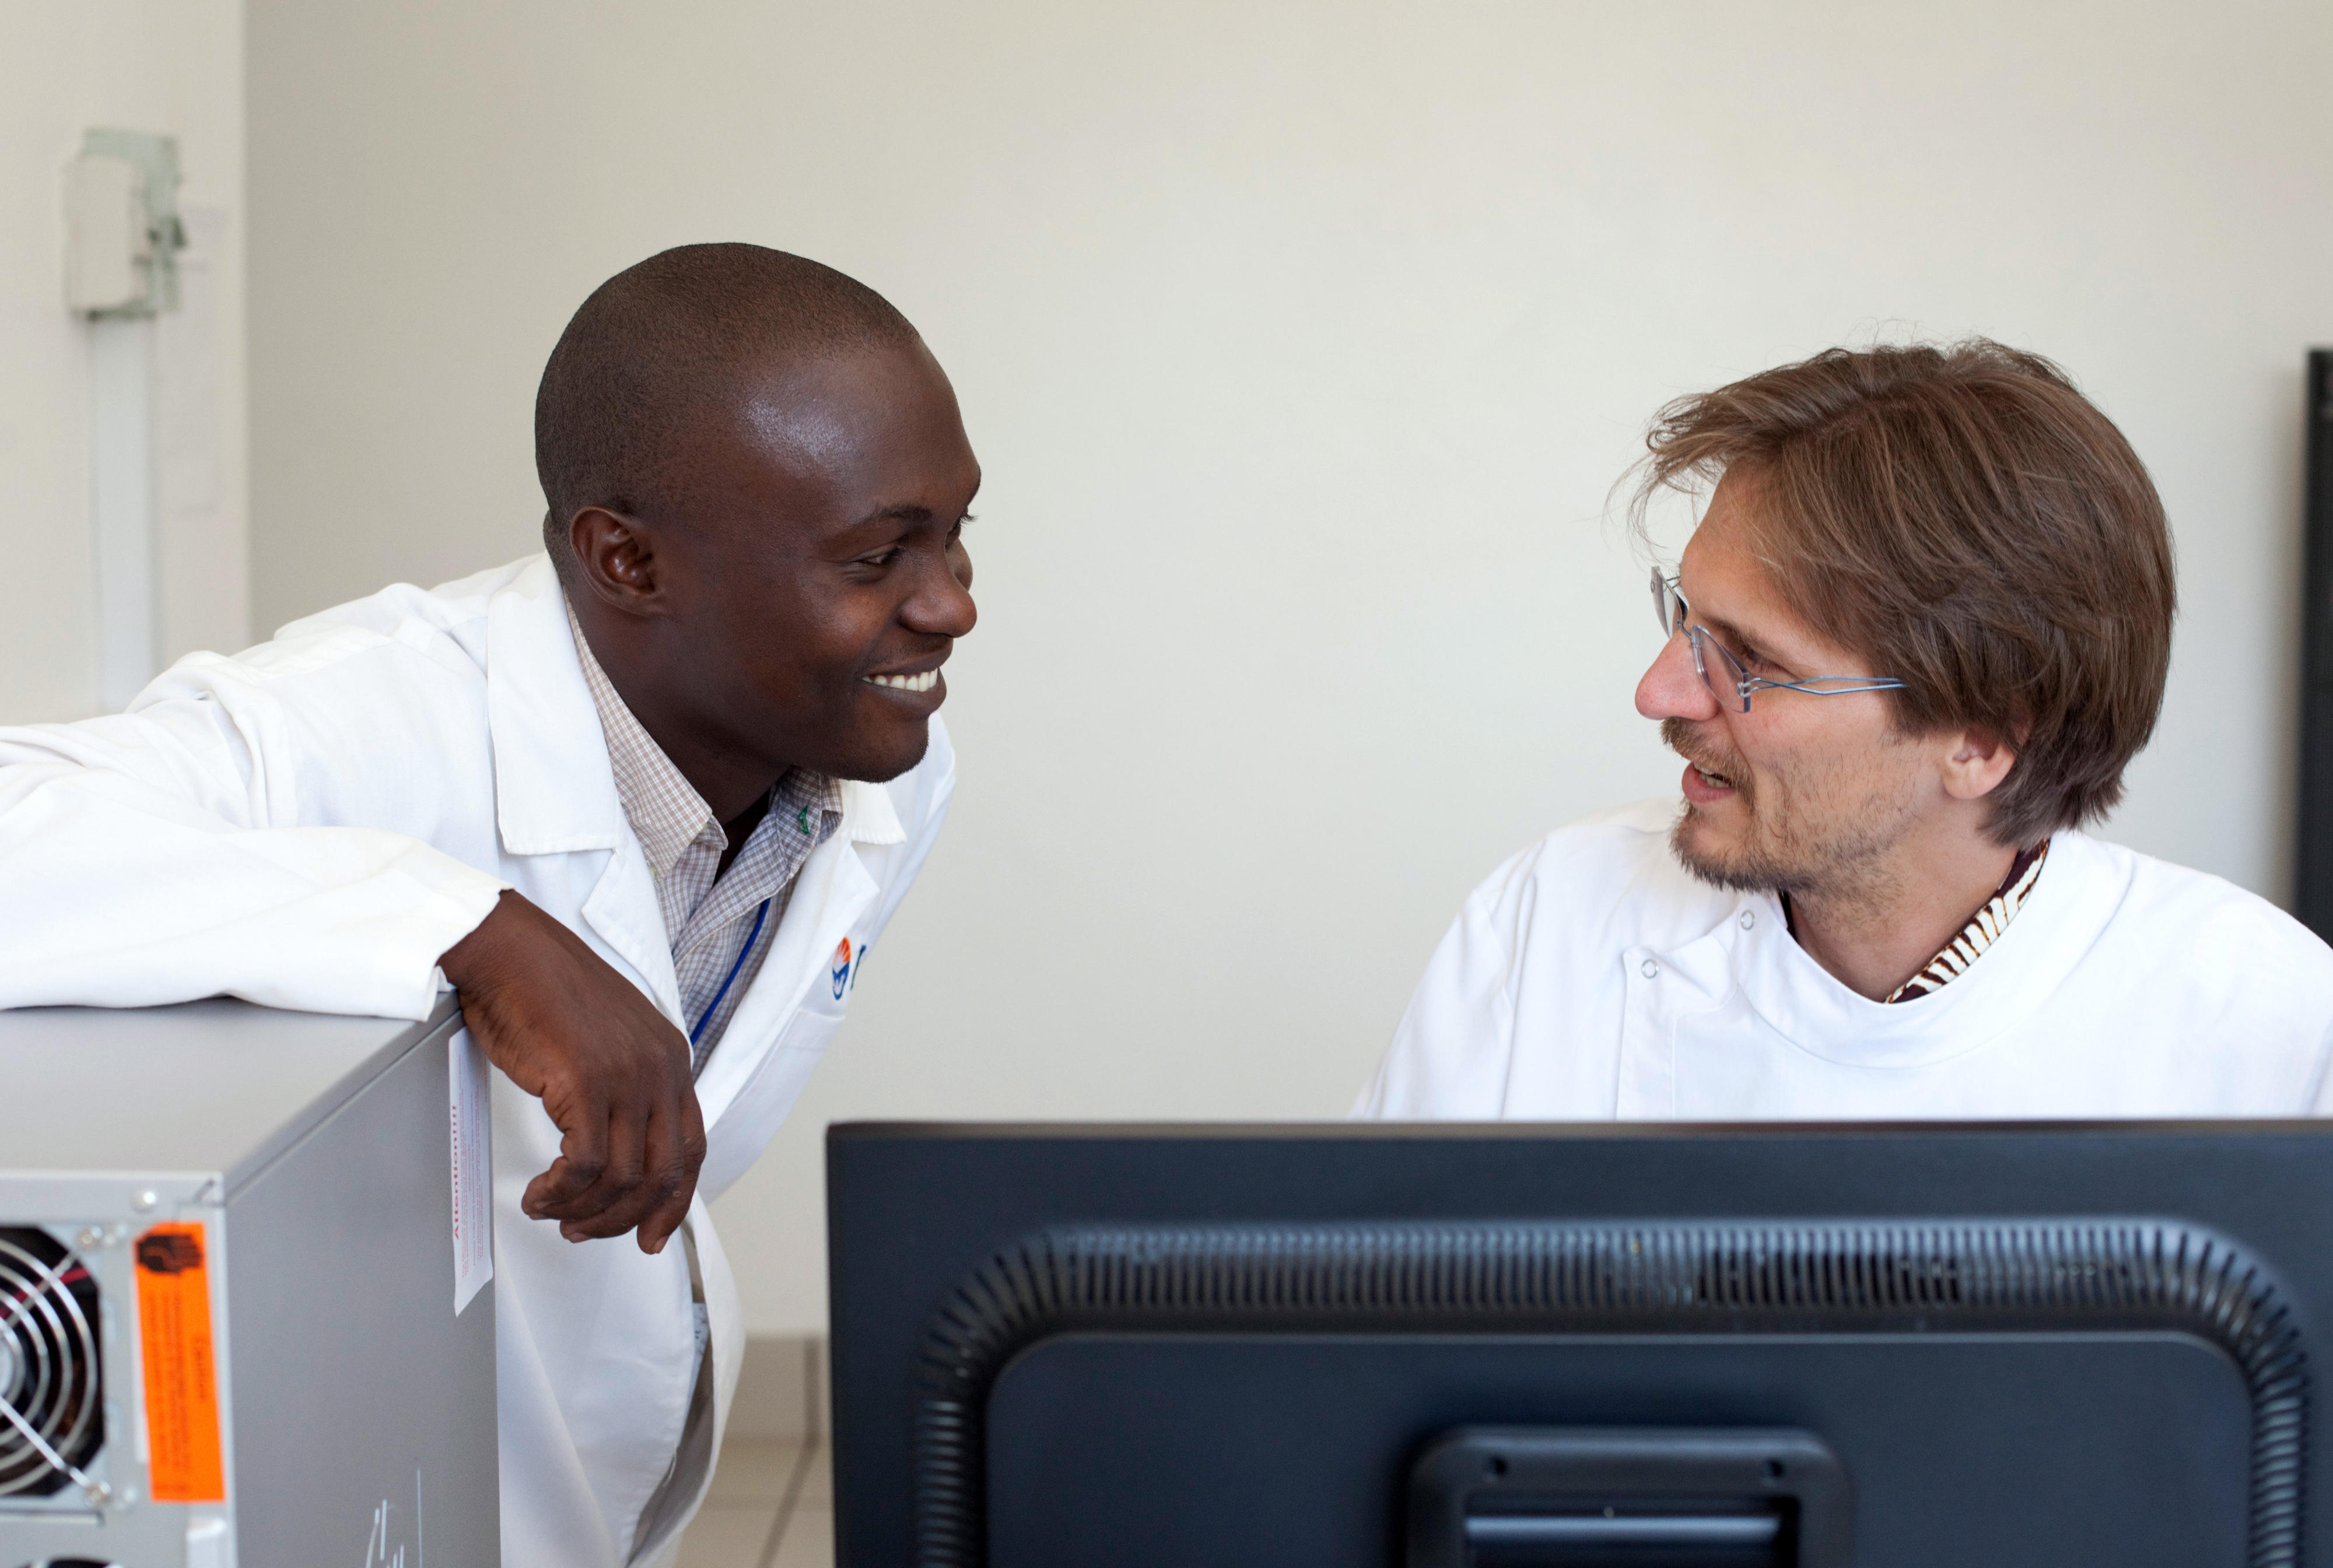 Internationale Zusammenarbeit von Wissenschaftlern auf dem Gebiet der Virenforschung, gefördert durch die deutsche Entwicklungszusammenarbeit, Nairobi, Kenia